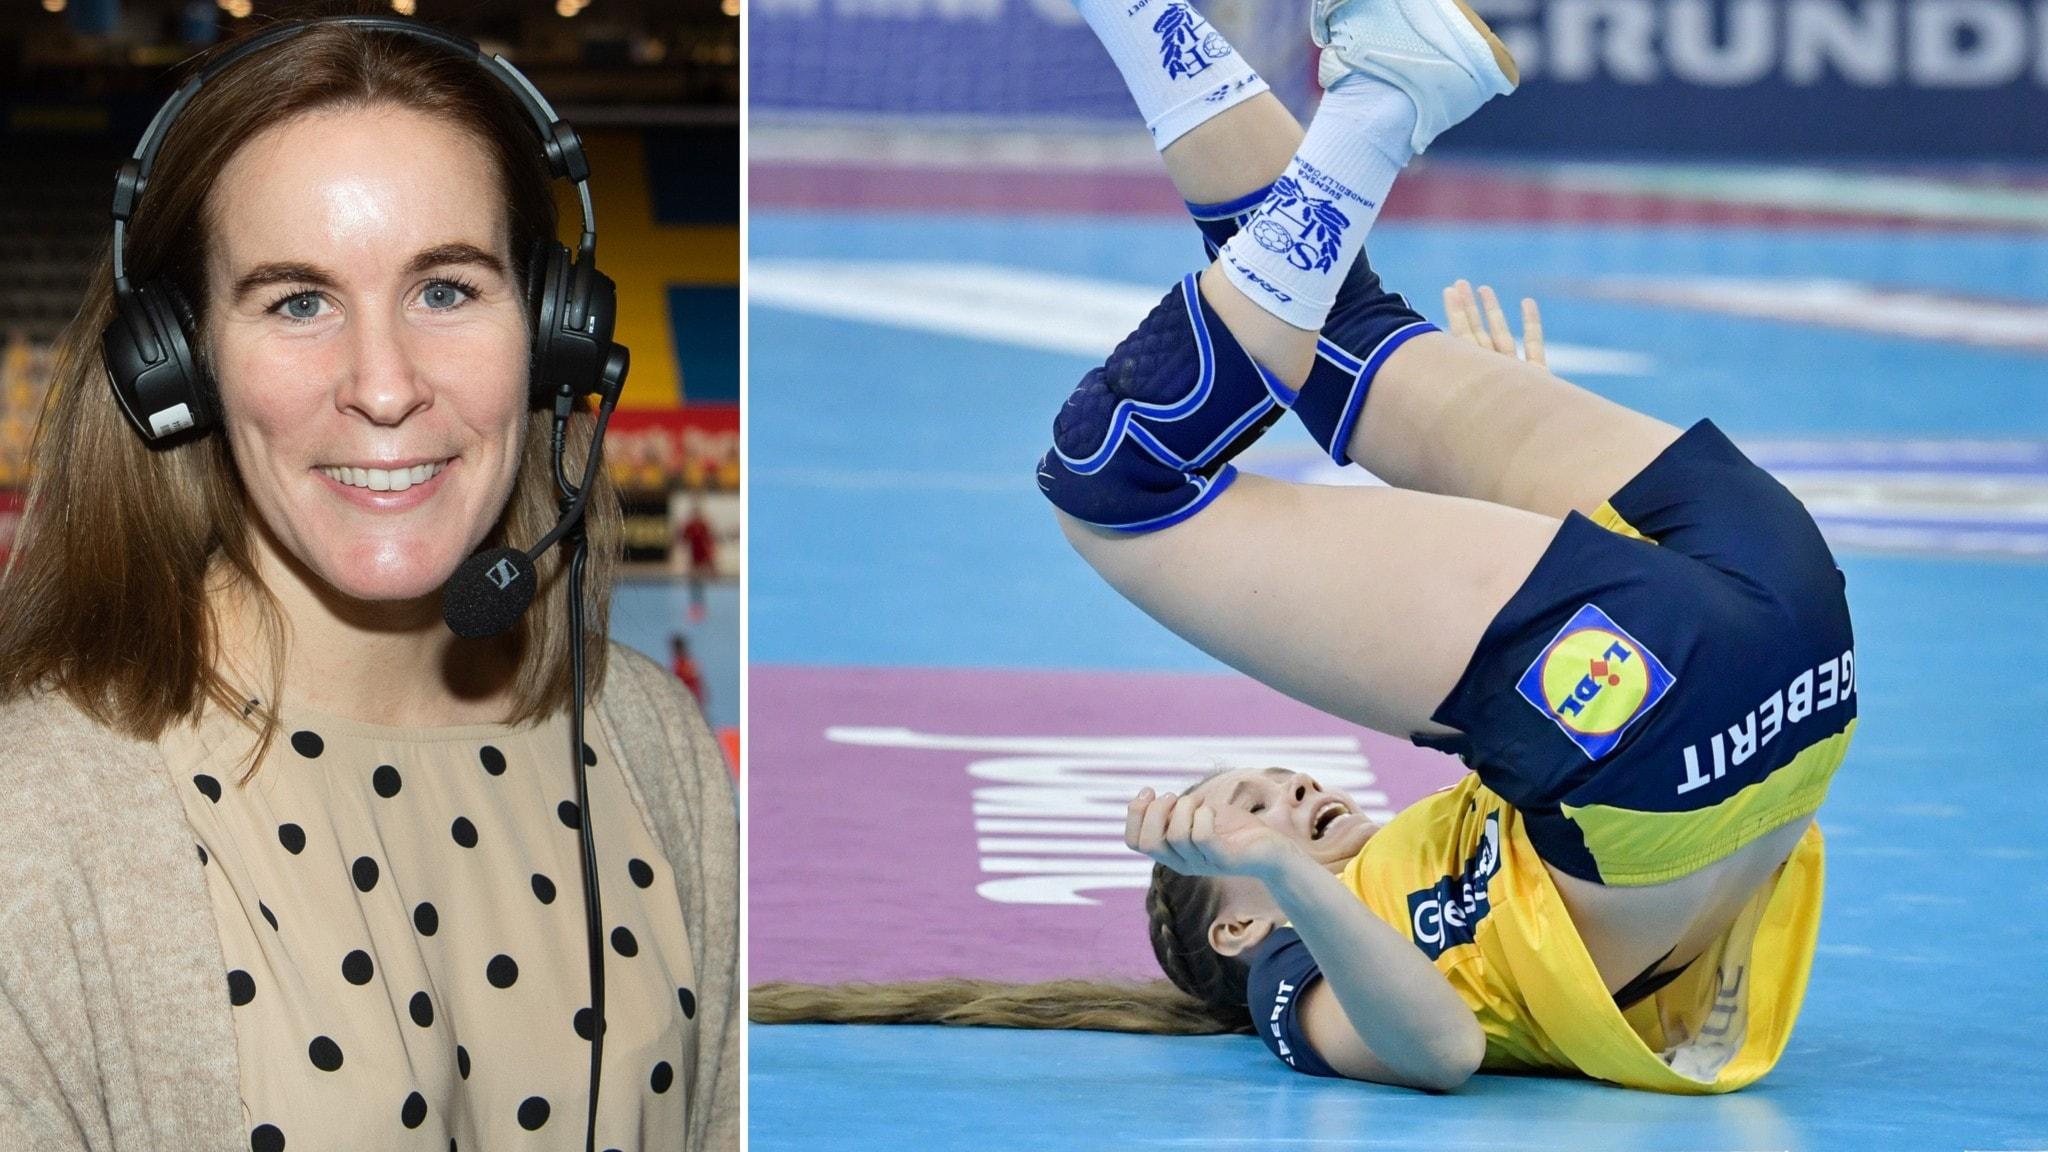 Sverige nära handbolls-VM – då sågar experten kantspelet